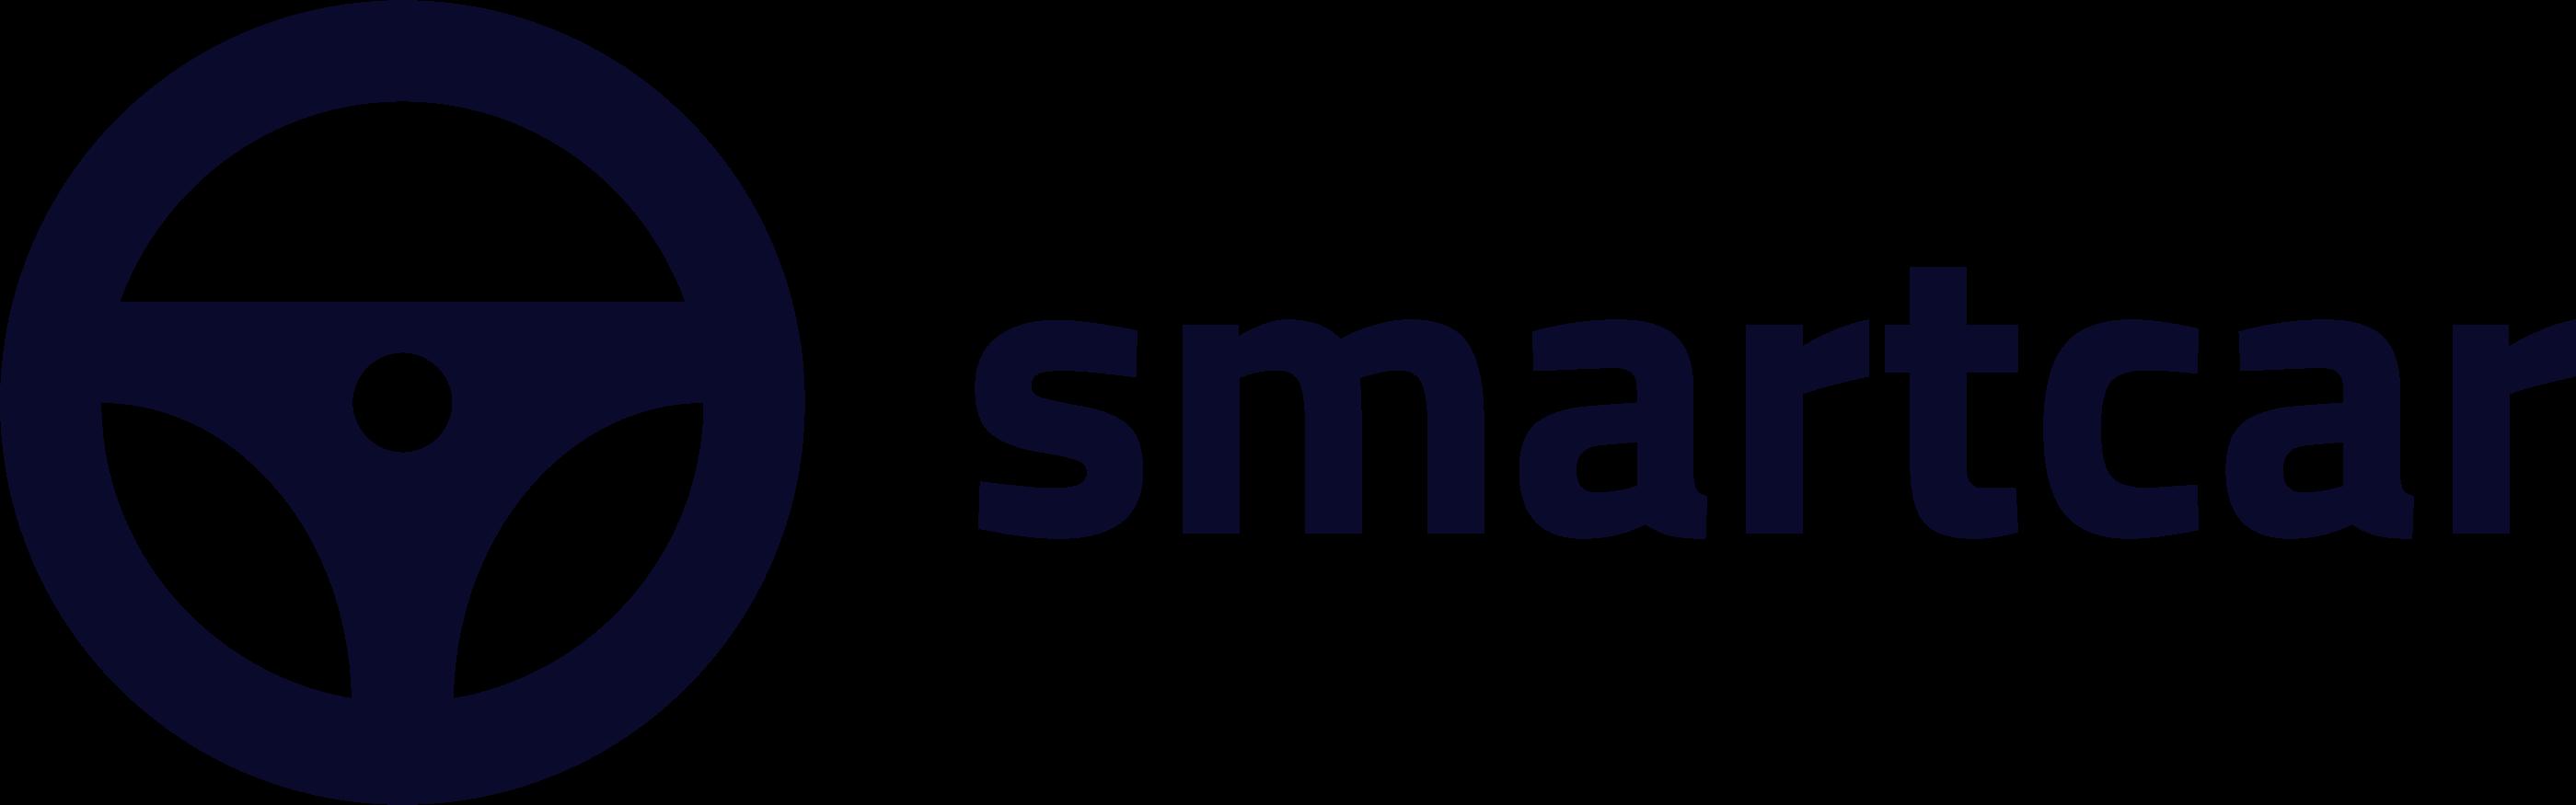 Smartcar Logo png